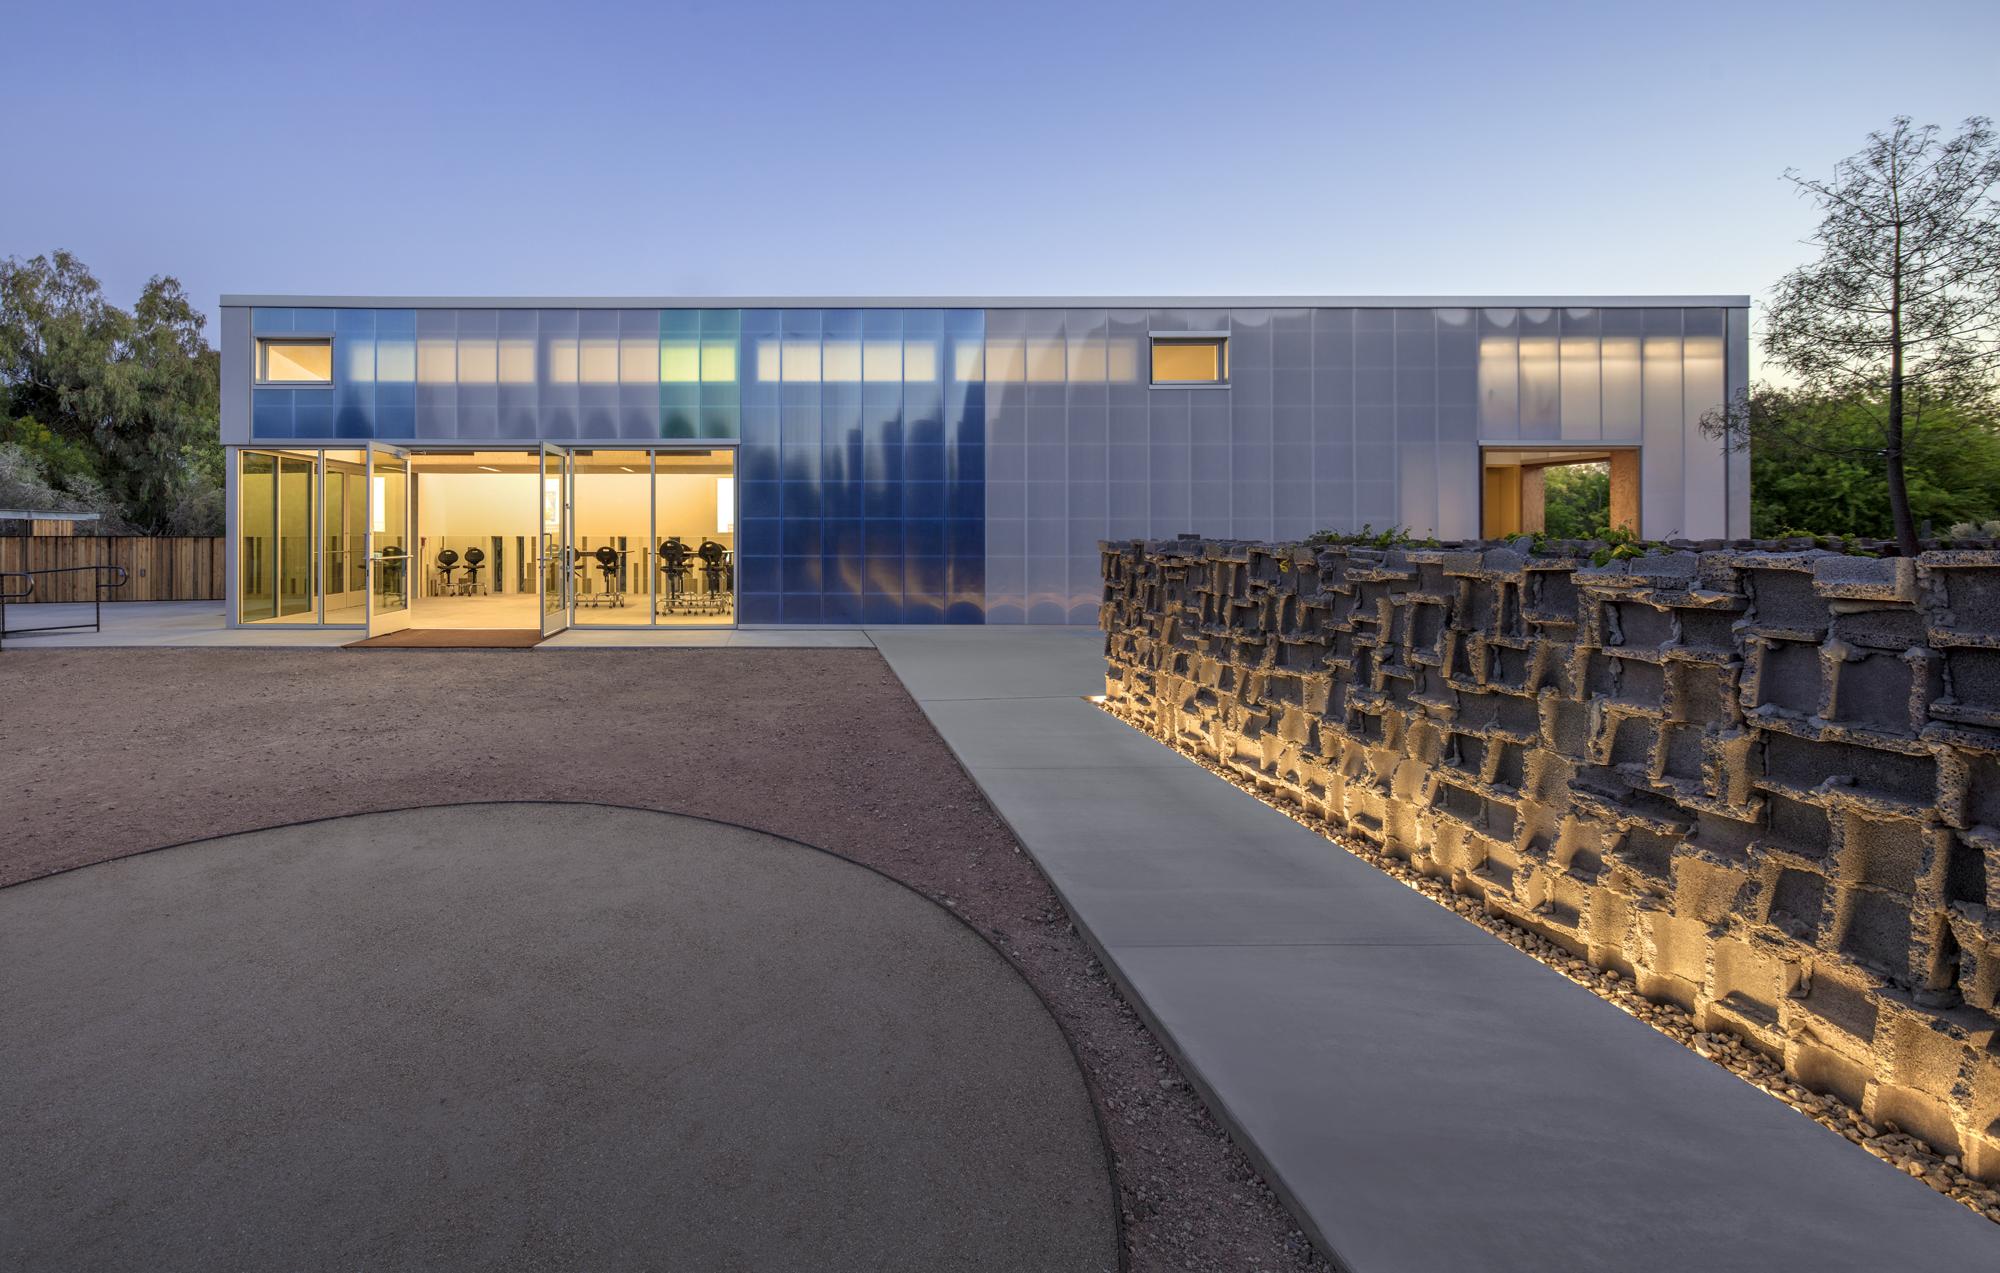 Desert Botanical Garden's Hazel Center for Plant Science. Image courtesy of 180 degrees and Bill Timmerman